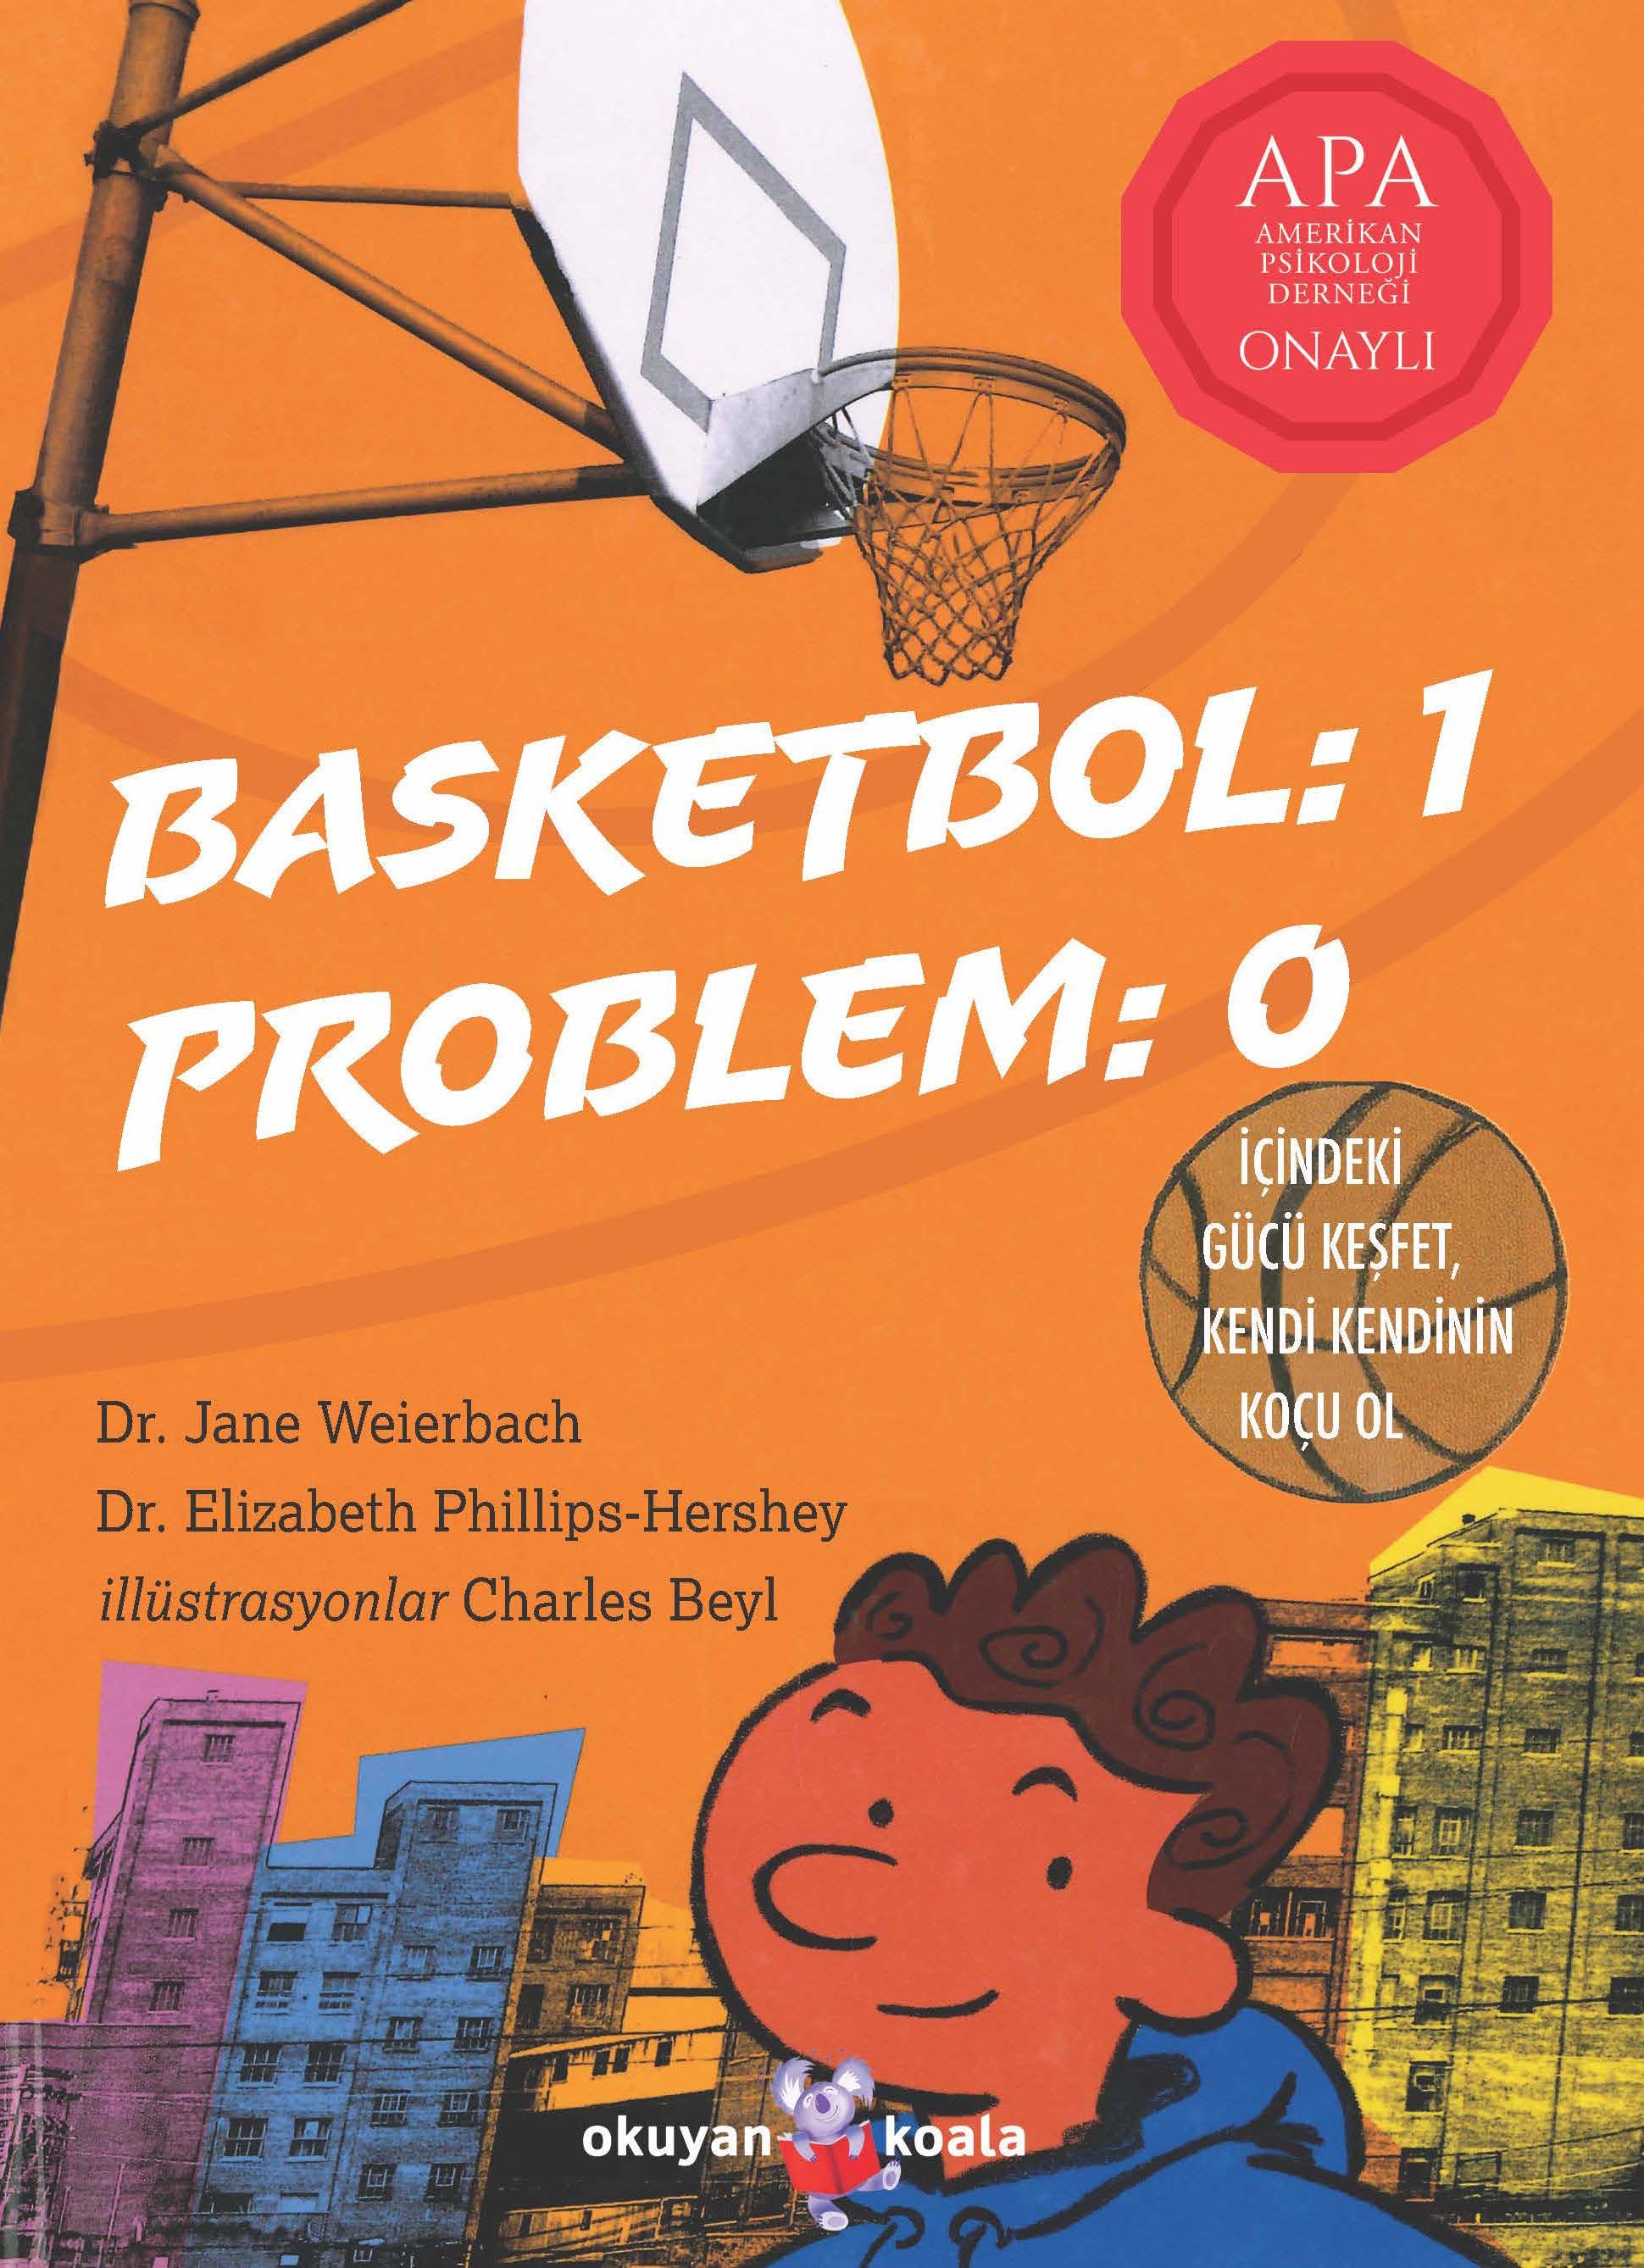 basketbol1_problem0-kapak.jpg